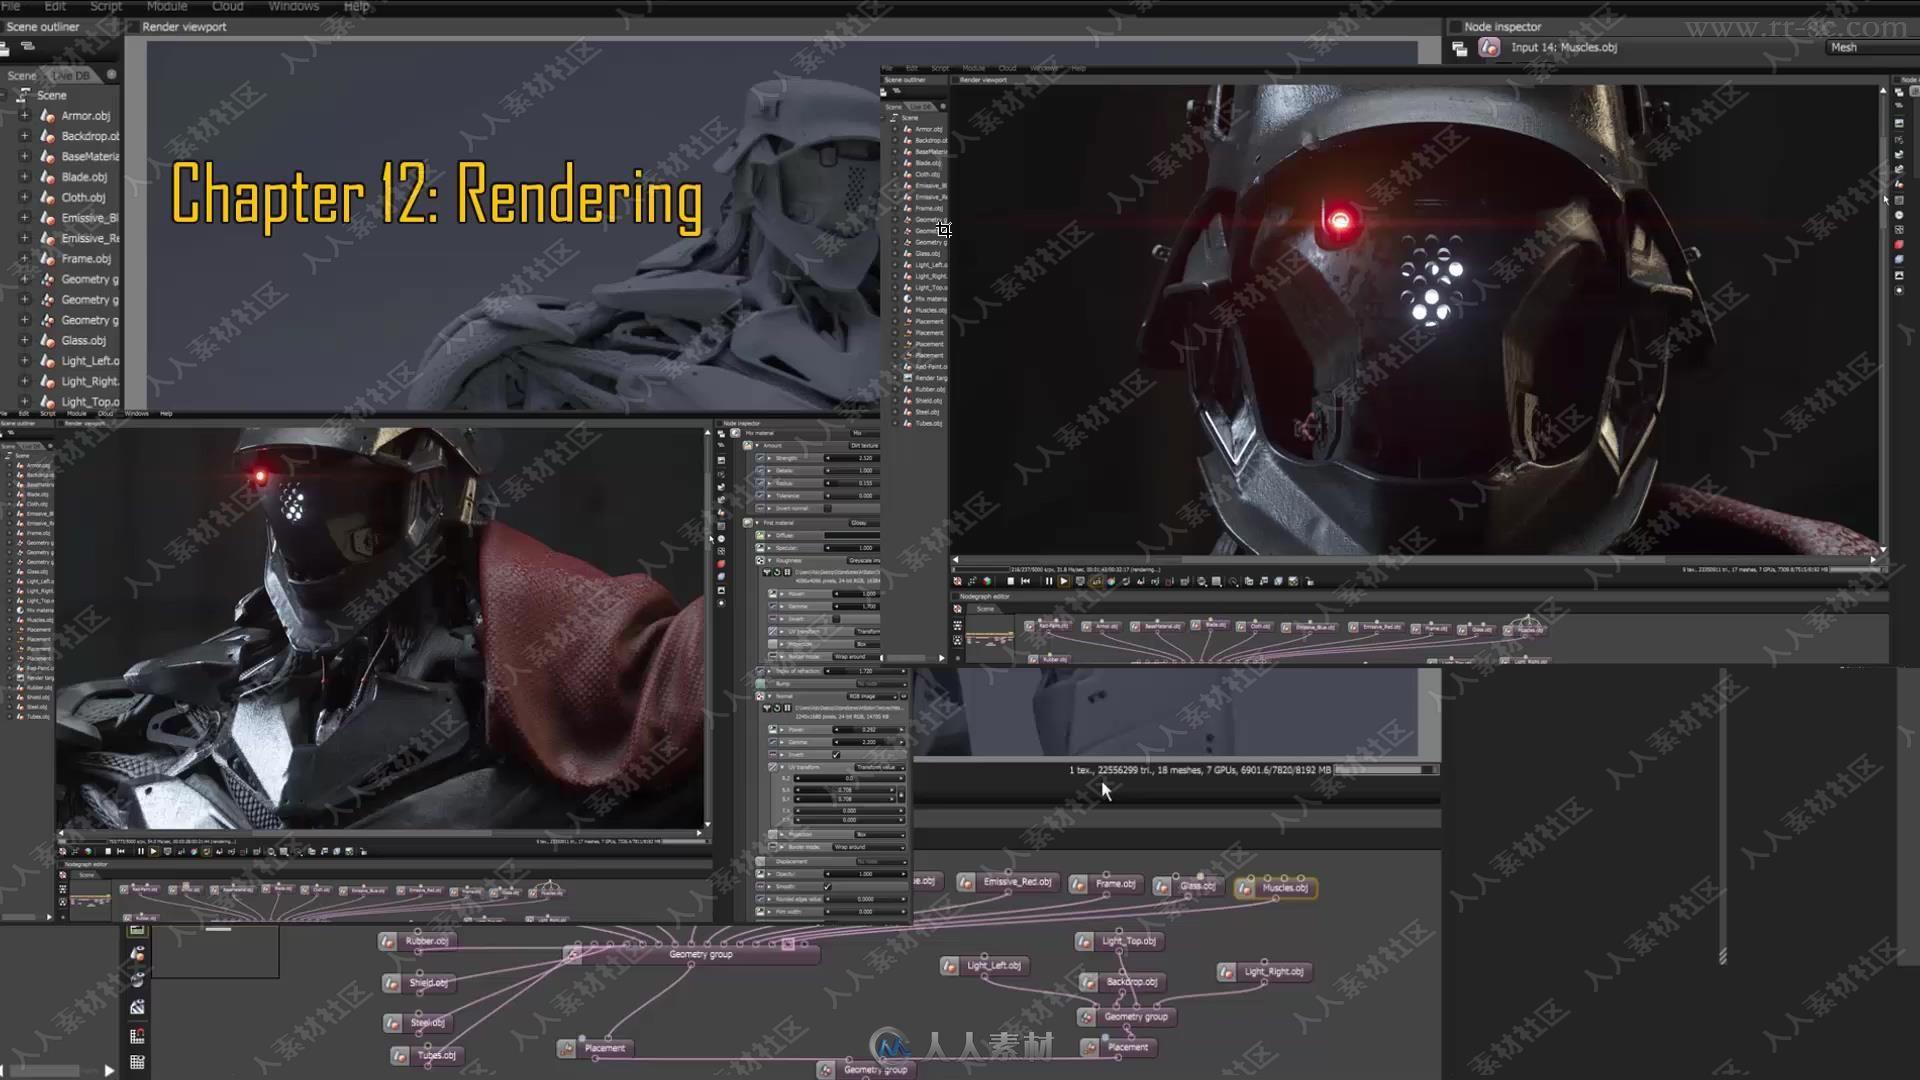 影视游戏中机器人工资3Dv工资大师班视频教程对室内设计角色低图片